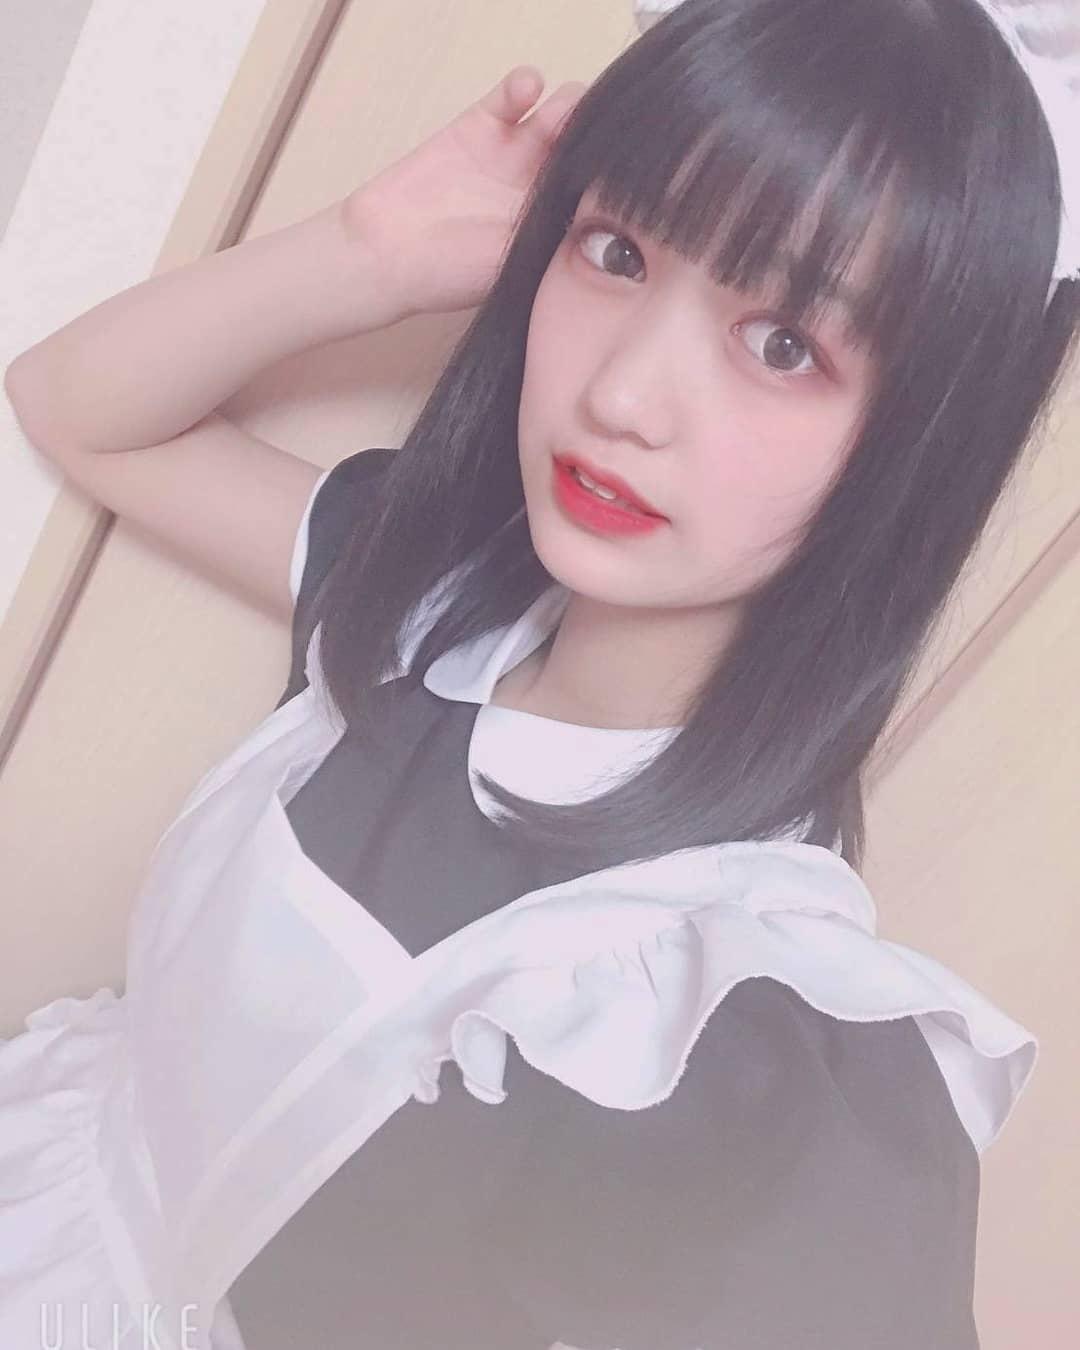 北海道雪国高中生「赤间四季」,超可爱美少女青春活力超无敌-新图包